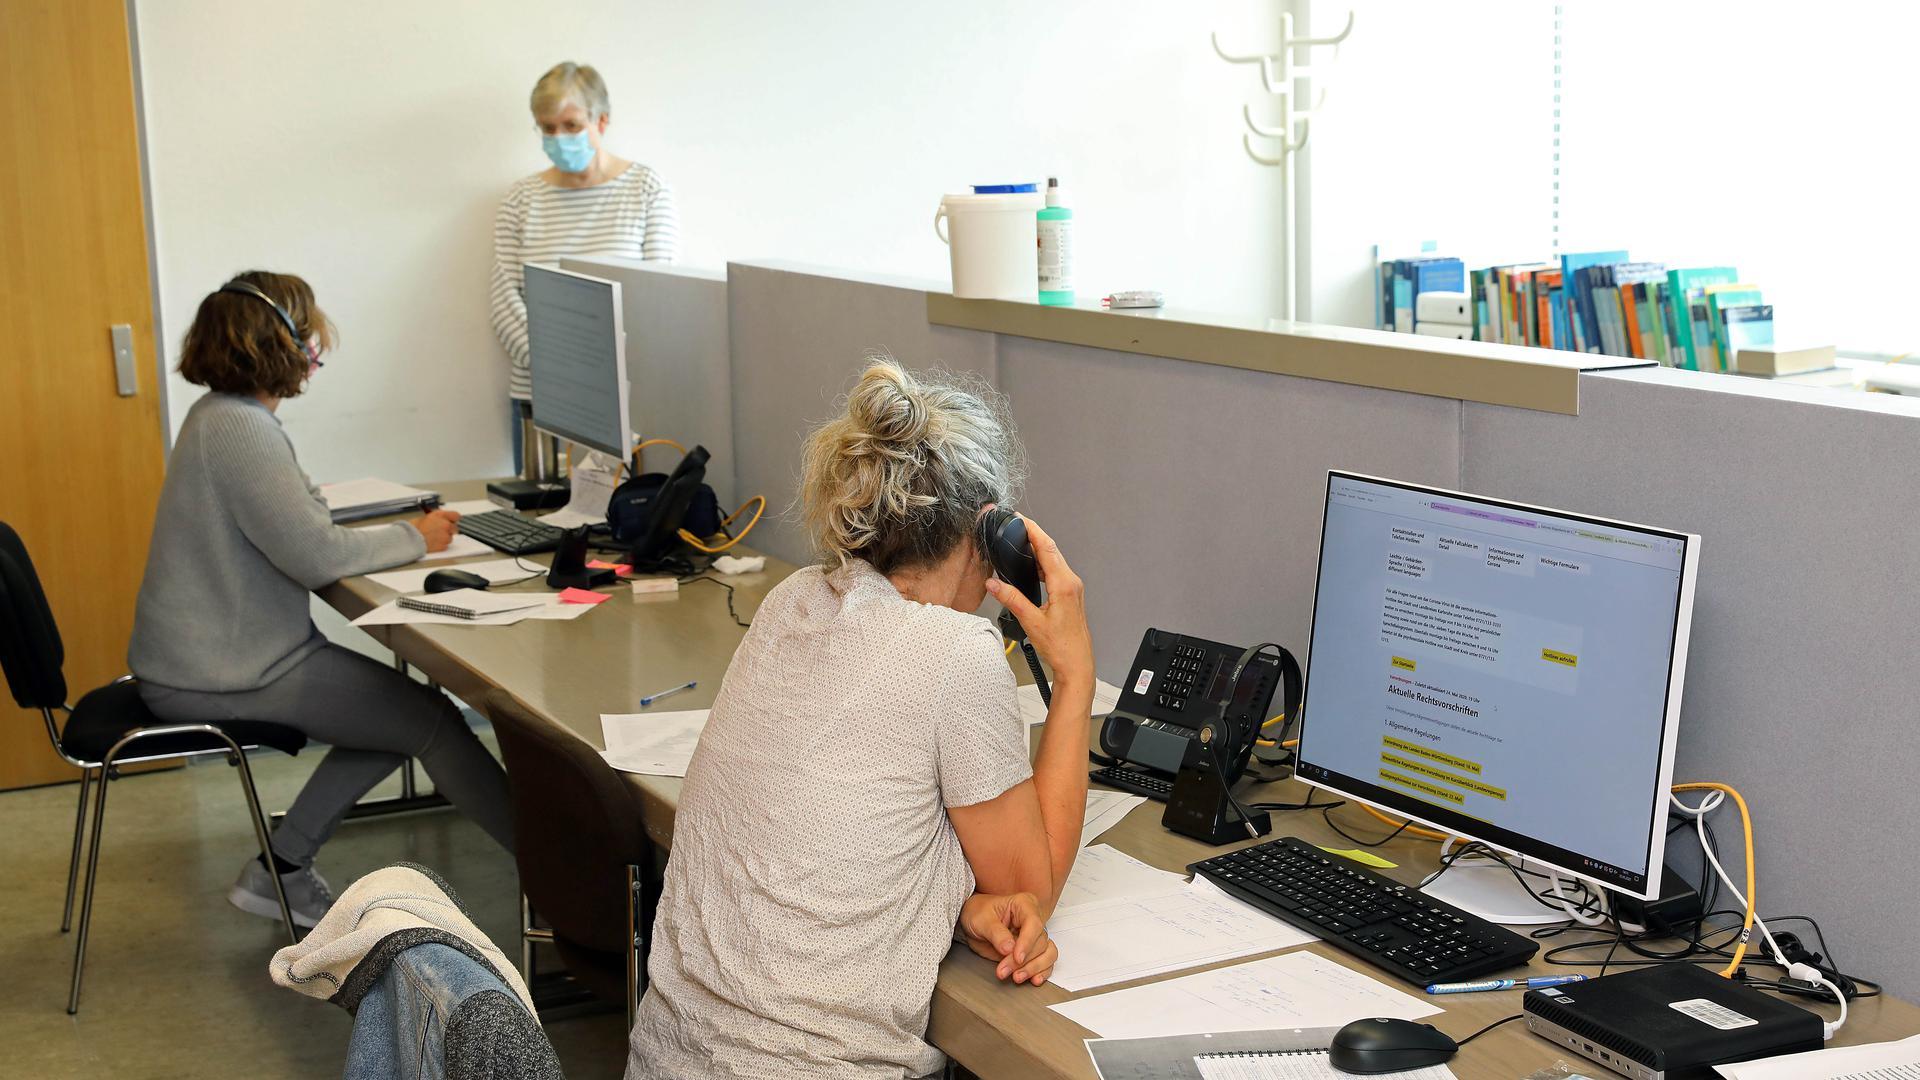 Bis zu 800 Verdachtsfälle an einem Tag: Die Mitarbeiter des Gesundheitsamts Karlsruhe kommen in der Flut von Nachfragen und Meldungen rund um das Corona-Virus an ihre Kapazitätsgrenzen.